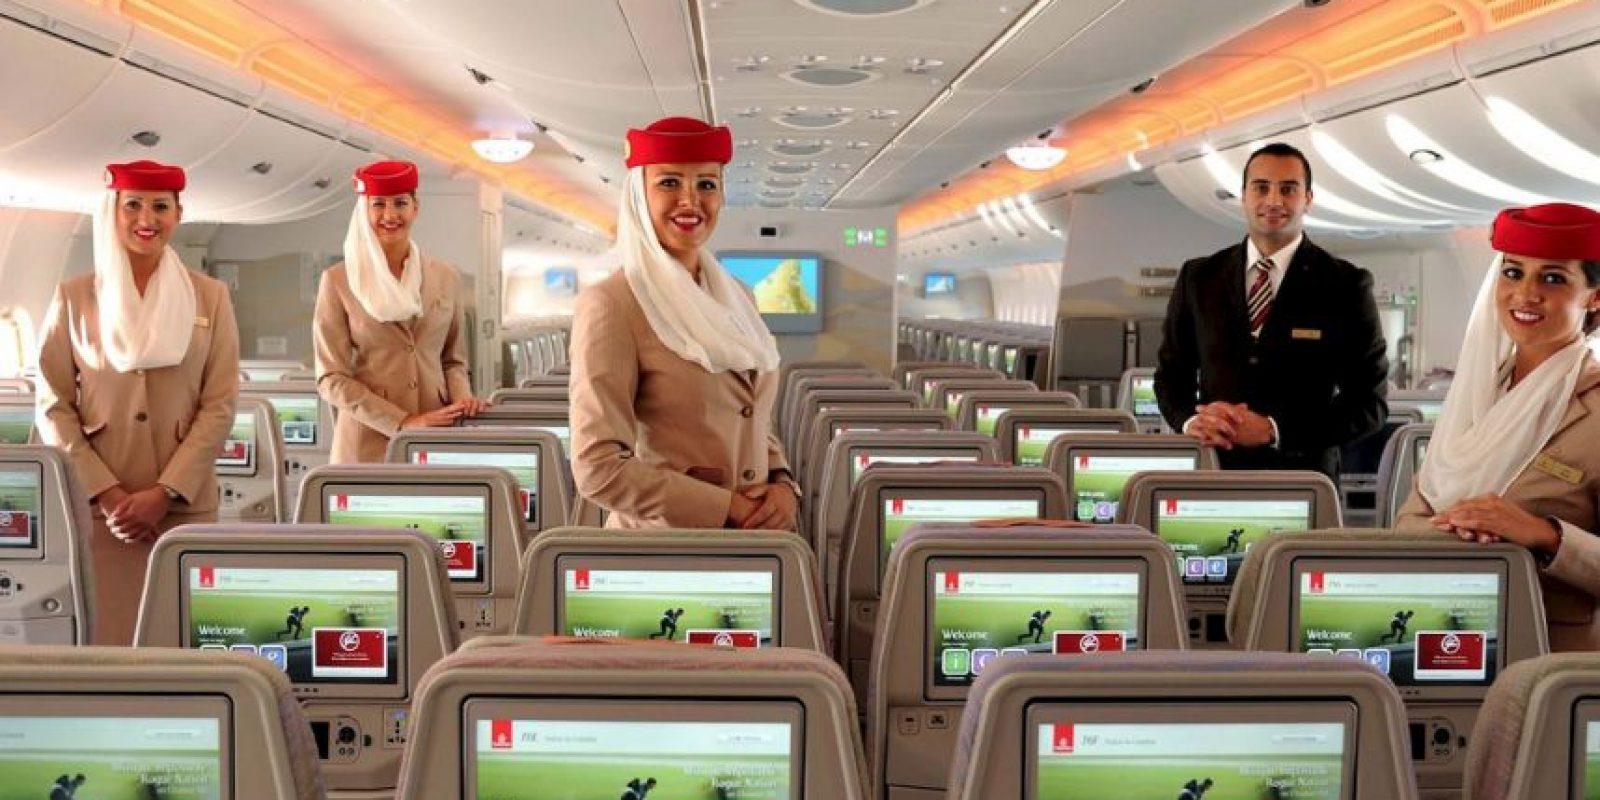 Cada asiento en el avión contará con una pantallas de 13.3 pulgadas. Foto:Vía facebook.com/Emirates